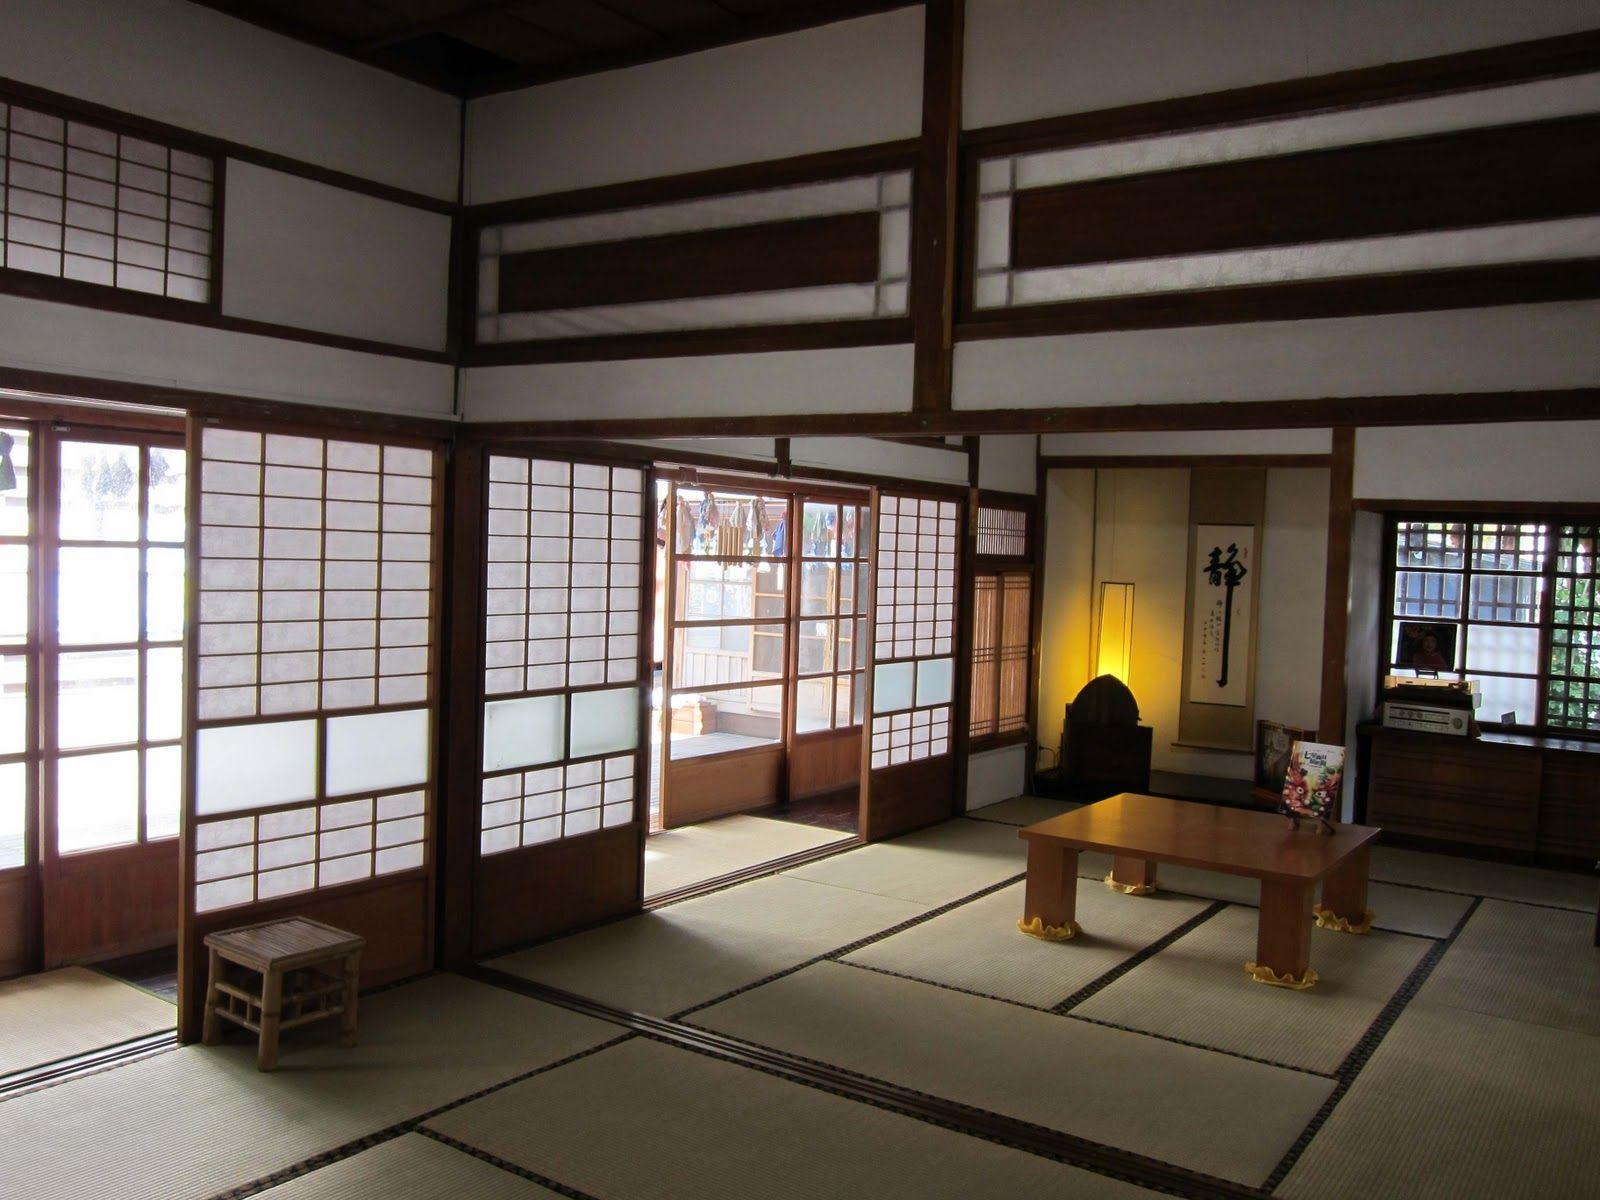 Interieur Maison Japonaise Traditionnelle intérieur japonais décoration | deco interieur maison